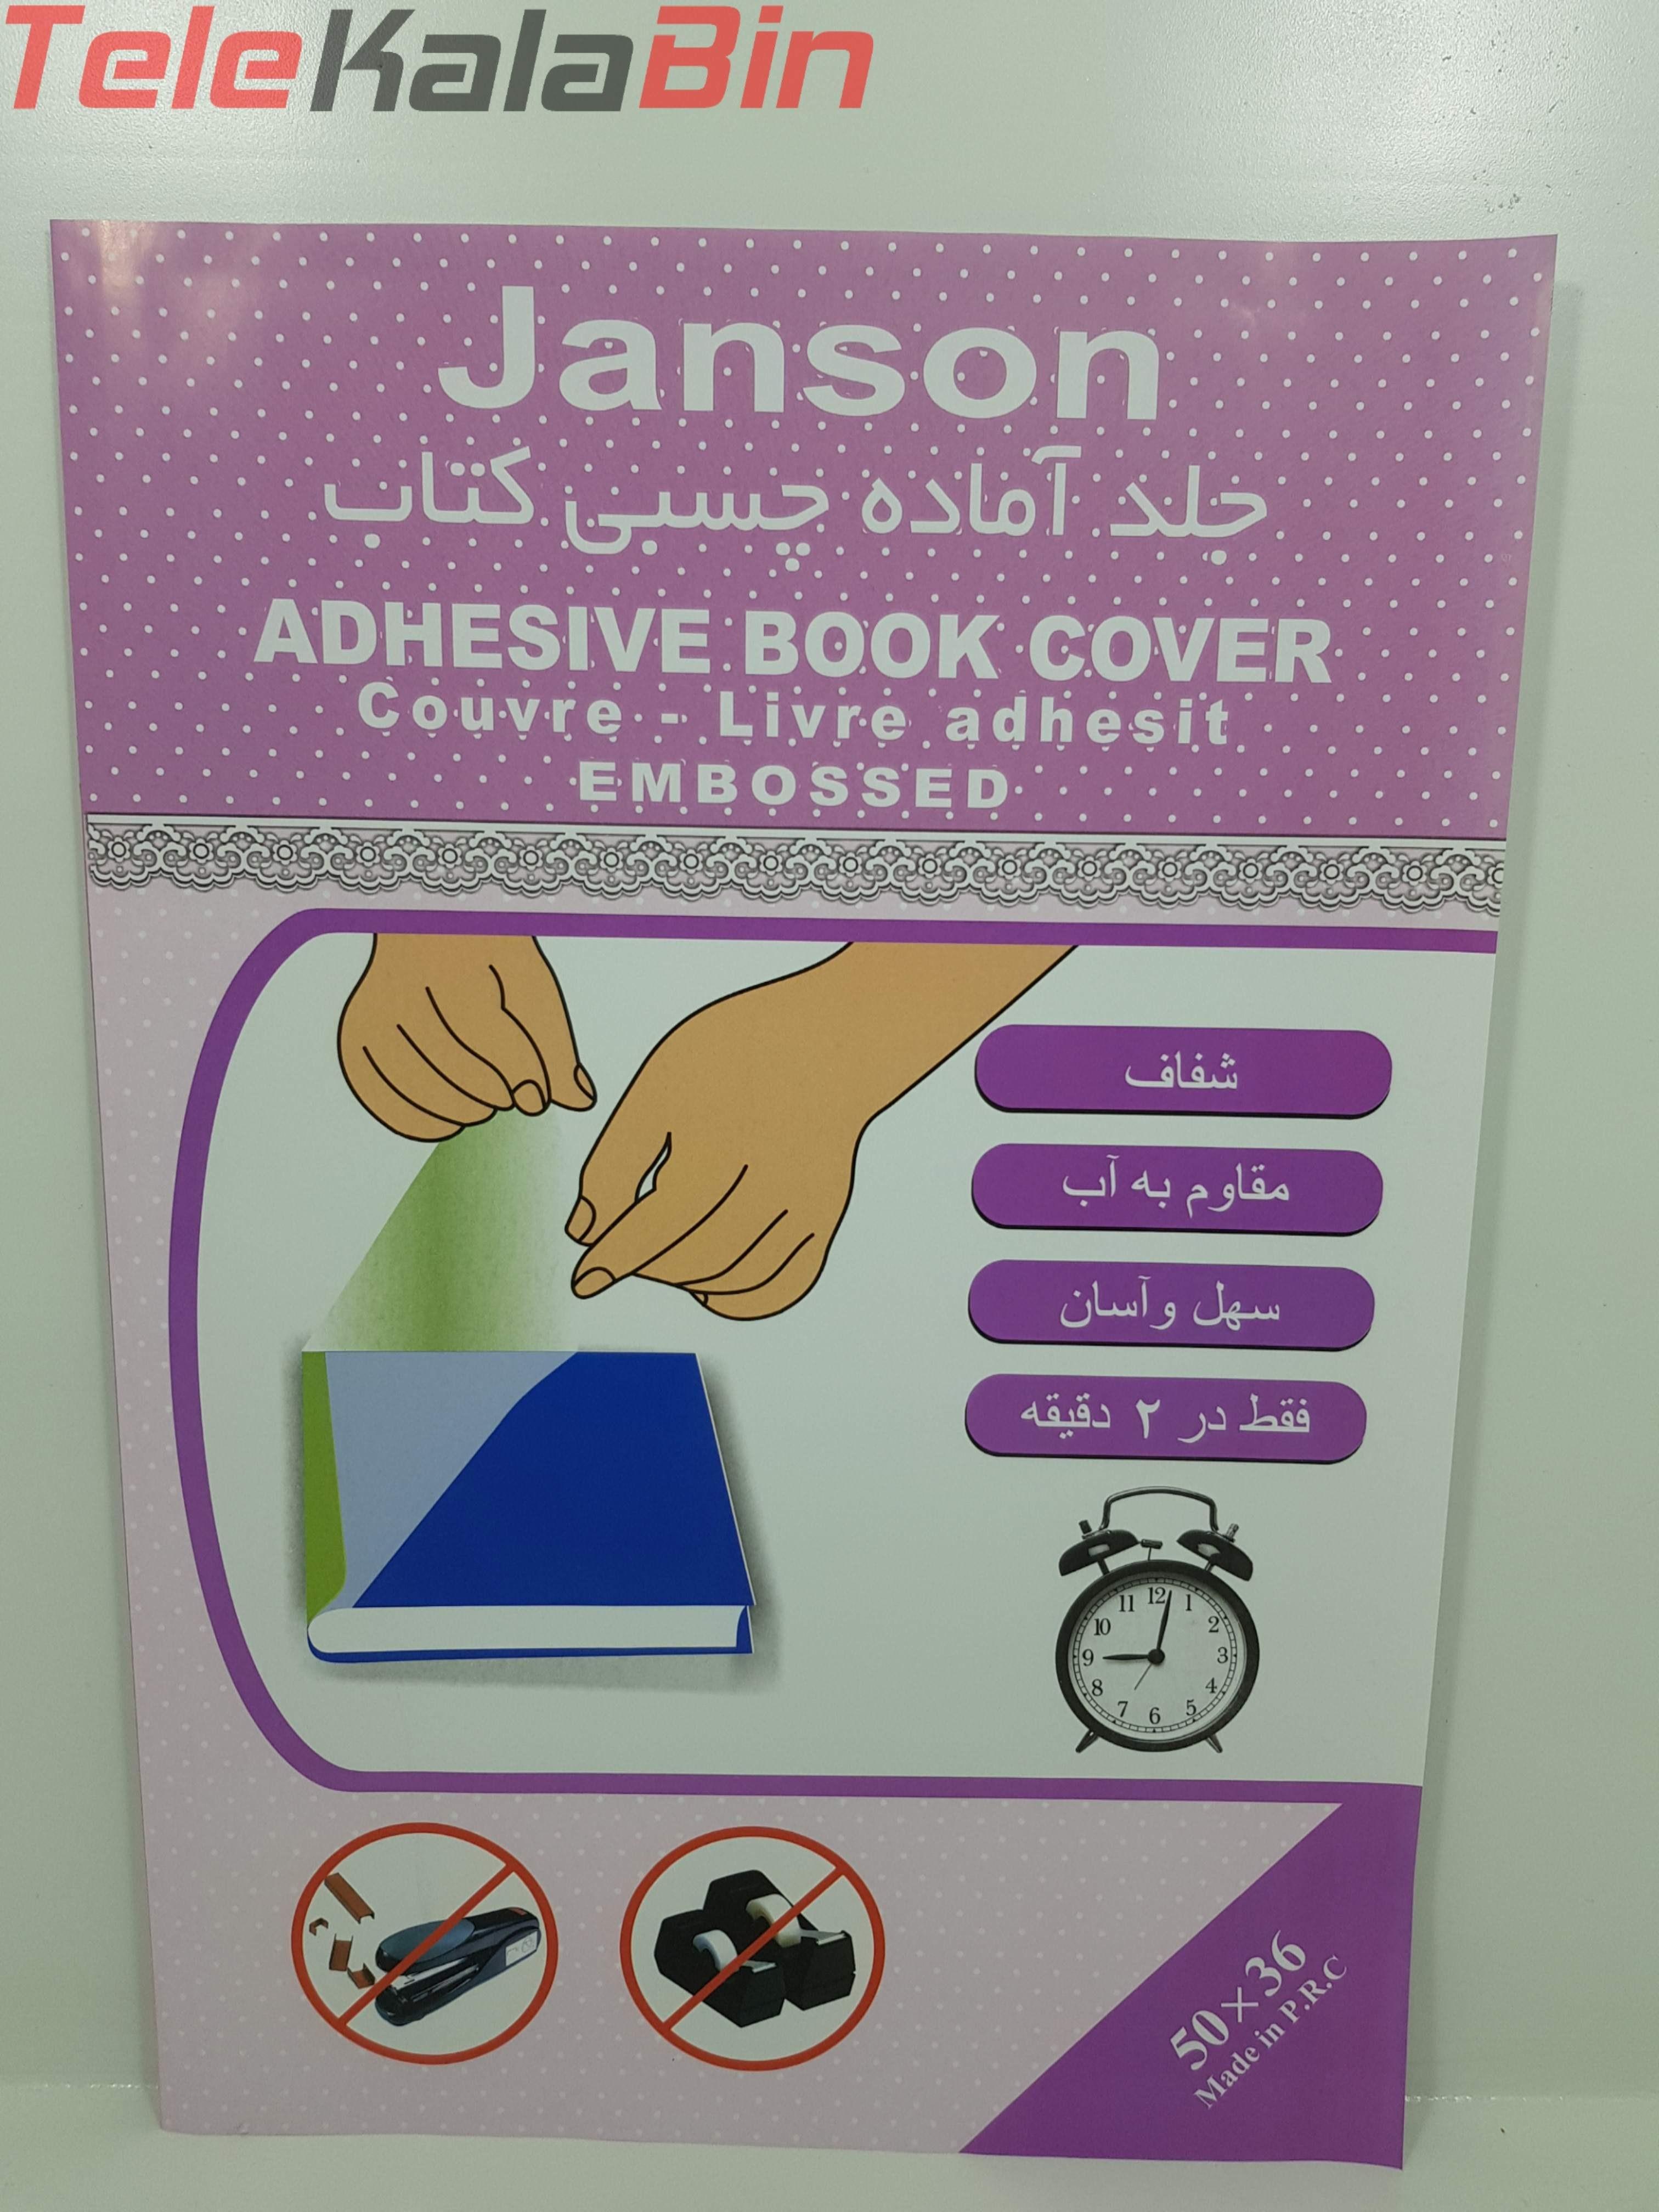 تصویر جلد آماده چسبي کتاب جانسون